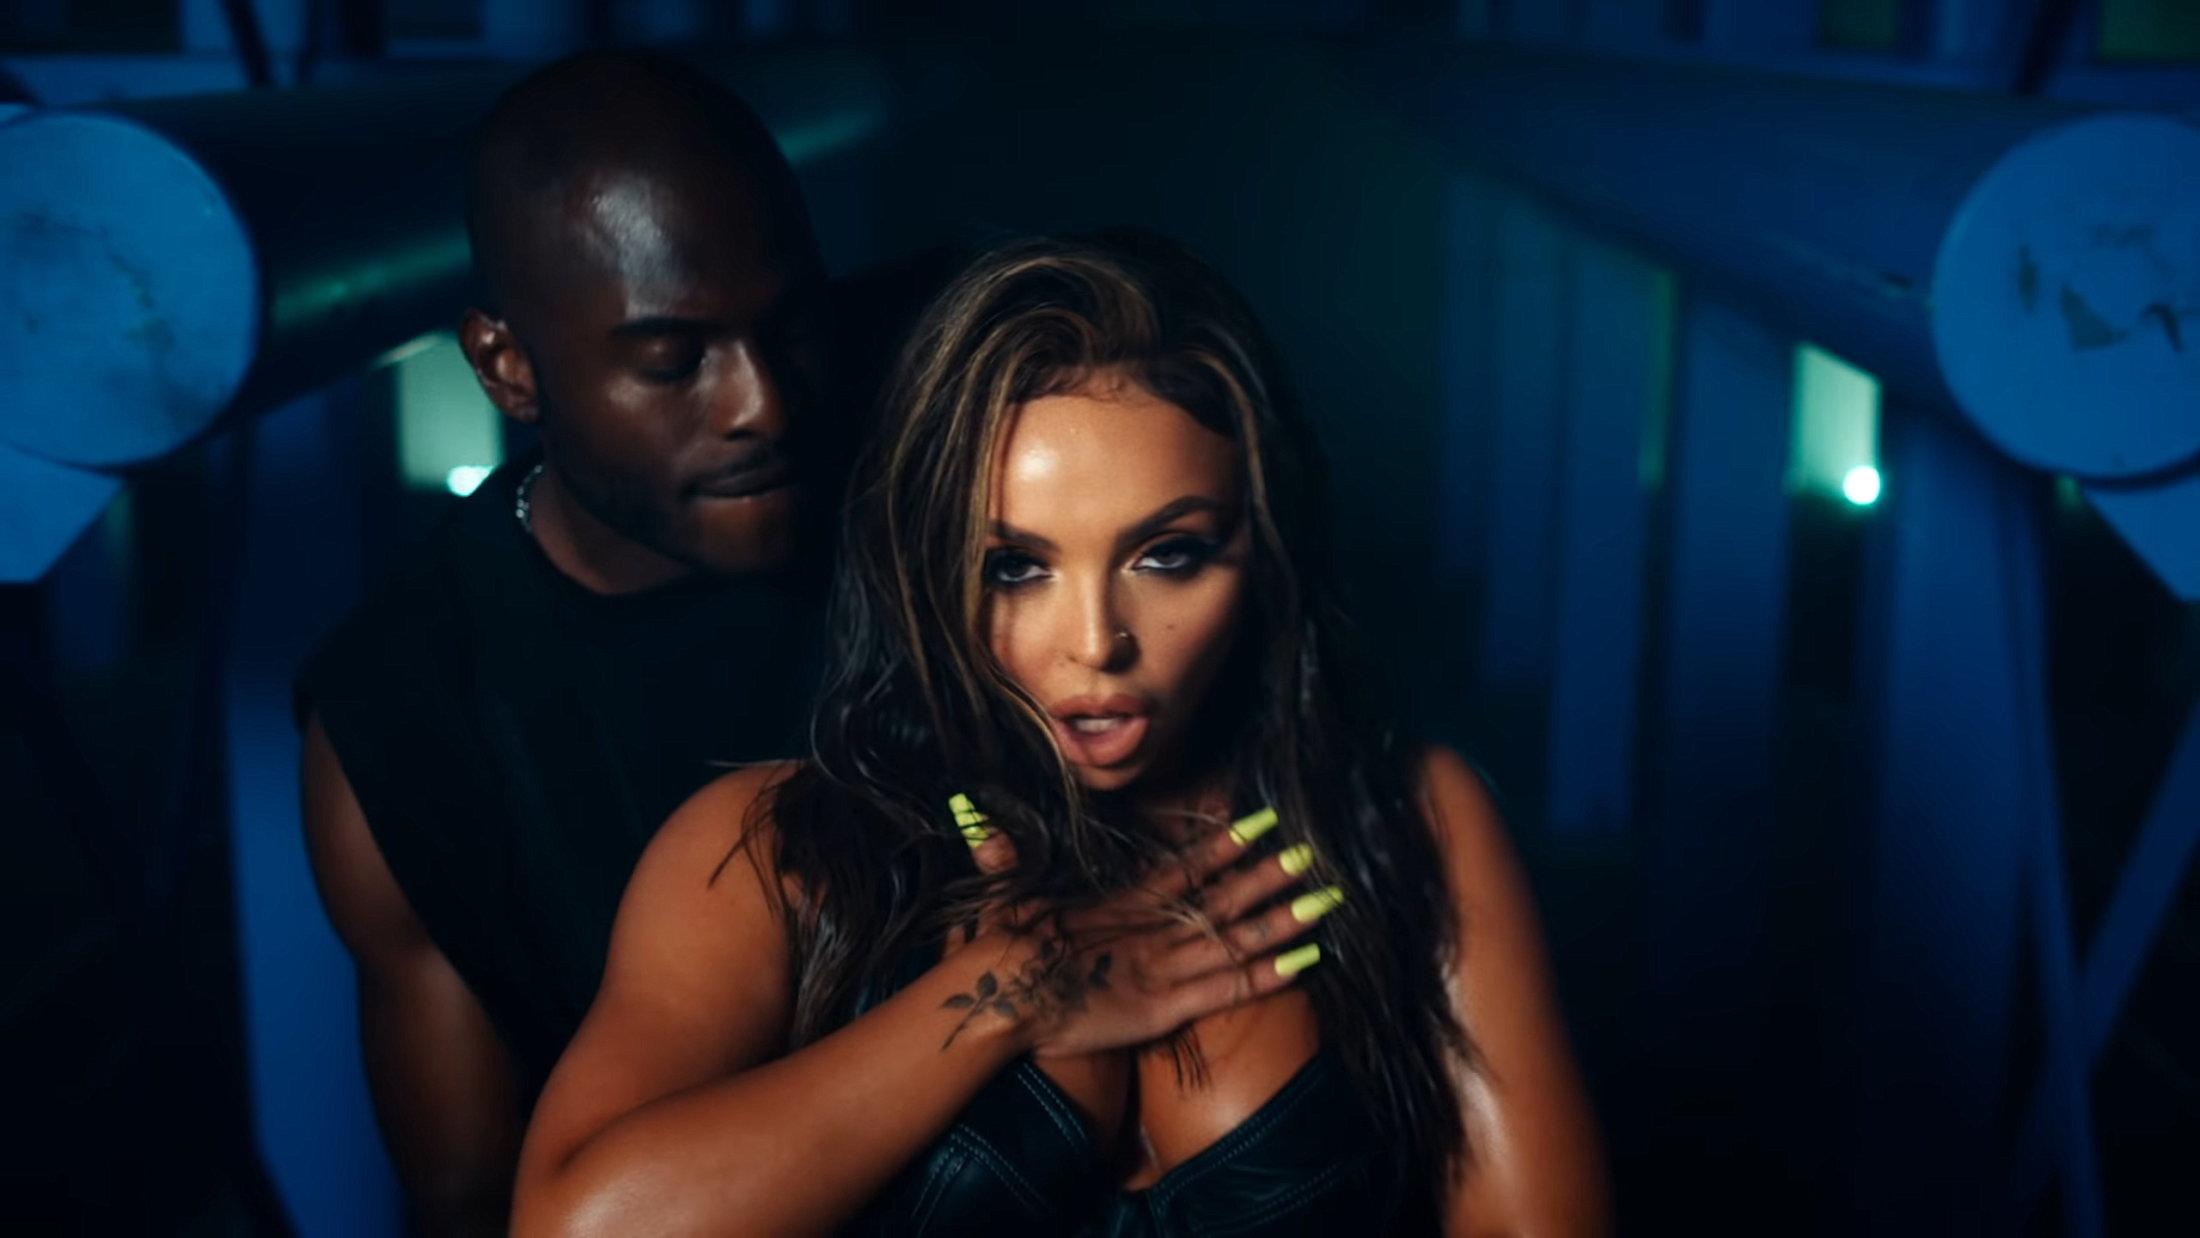 Little Mix - Sweet Melody (Official Video) 0-33 Screenshot